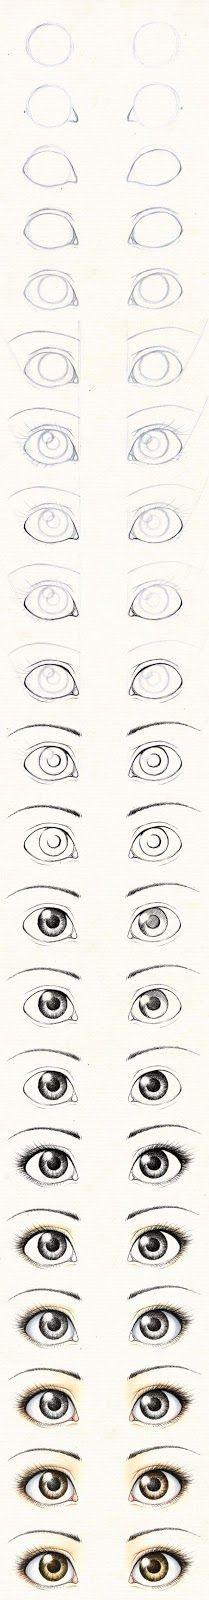 Boneca de Pano: Olhos                                                                                                                                                                                 Mais